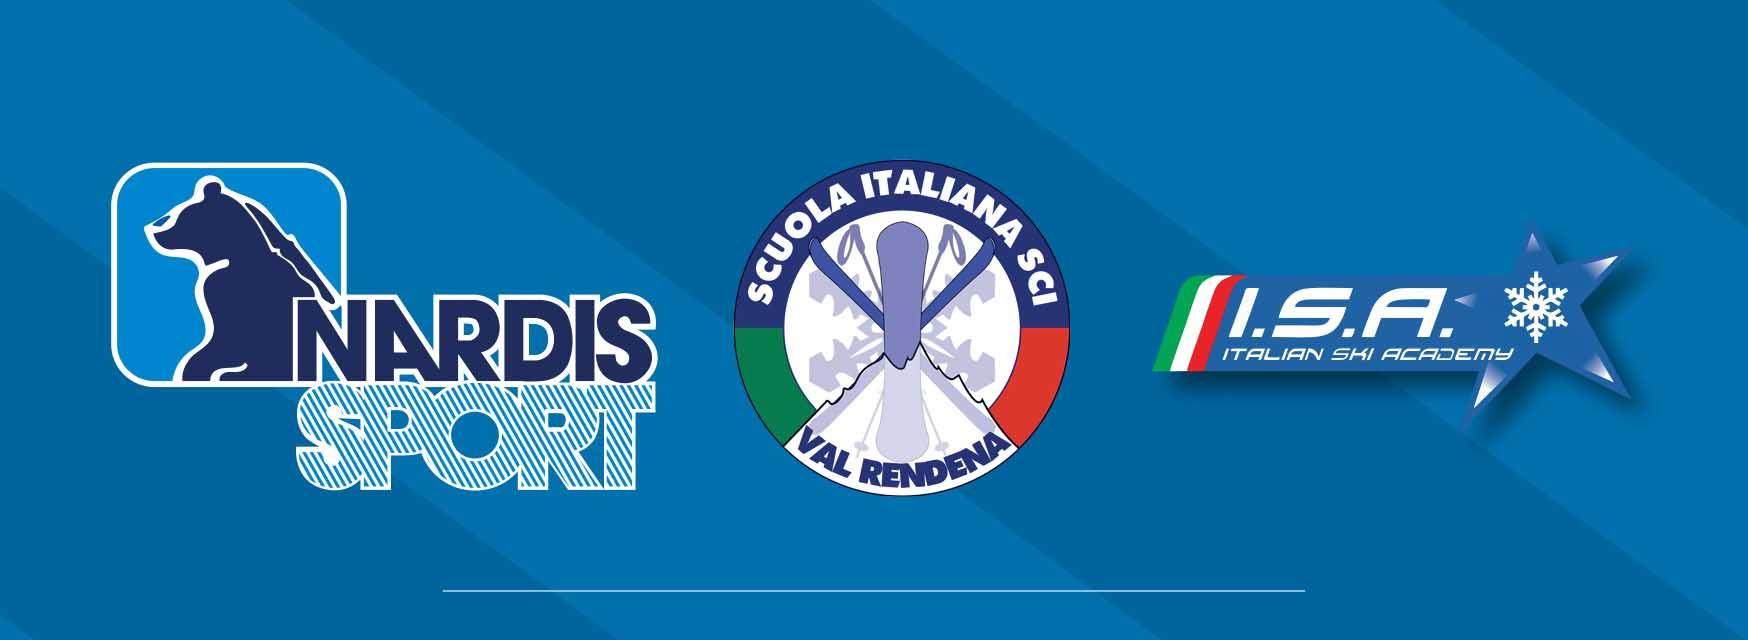 Einweihung der italienischen Skischule Val Rendena